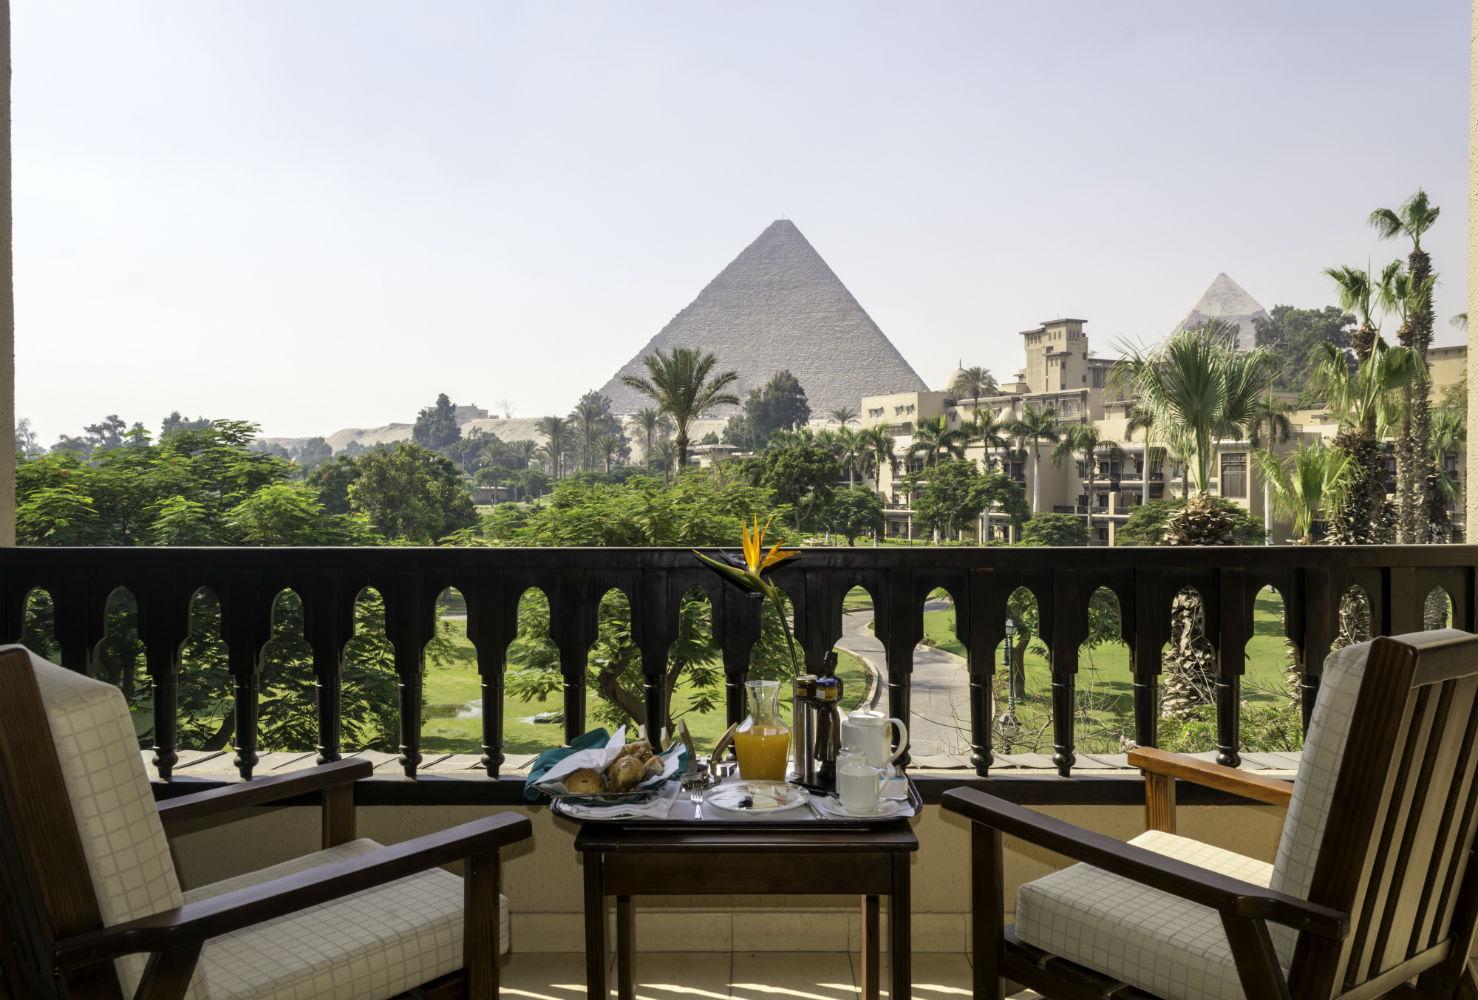 Δωμάτιο με… θέα! Δείτε τα εντυπωσιακά ξενοδοχεία!